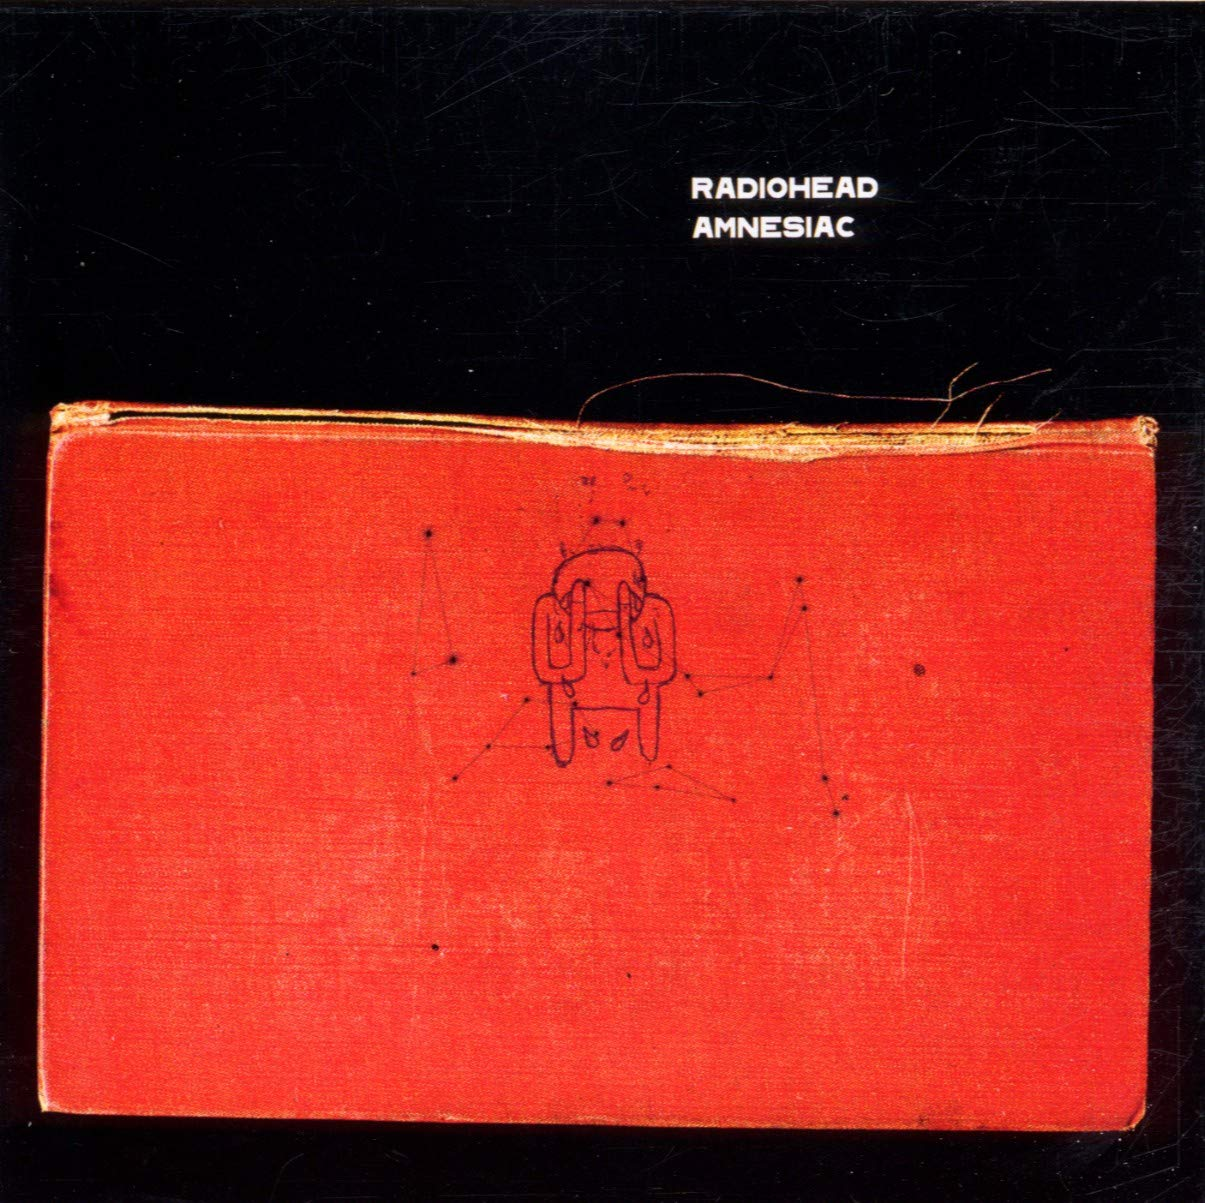 Radiohead, Amnesiac